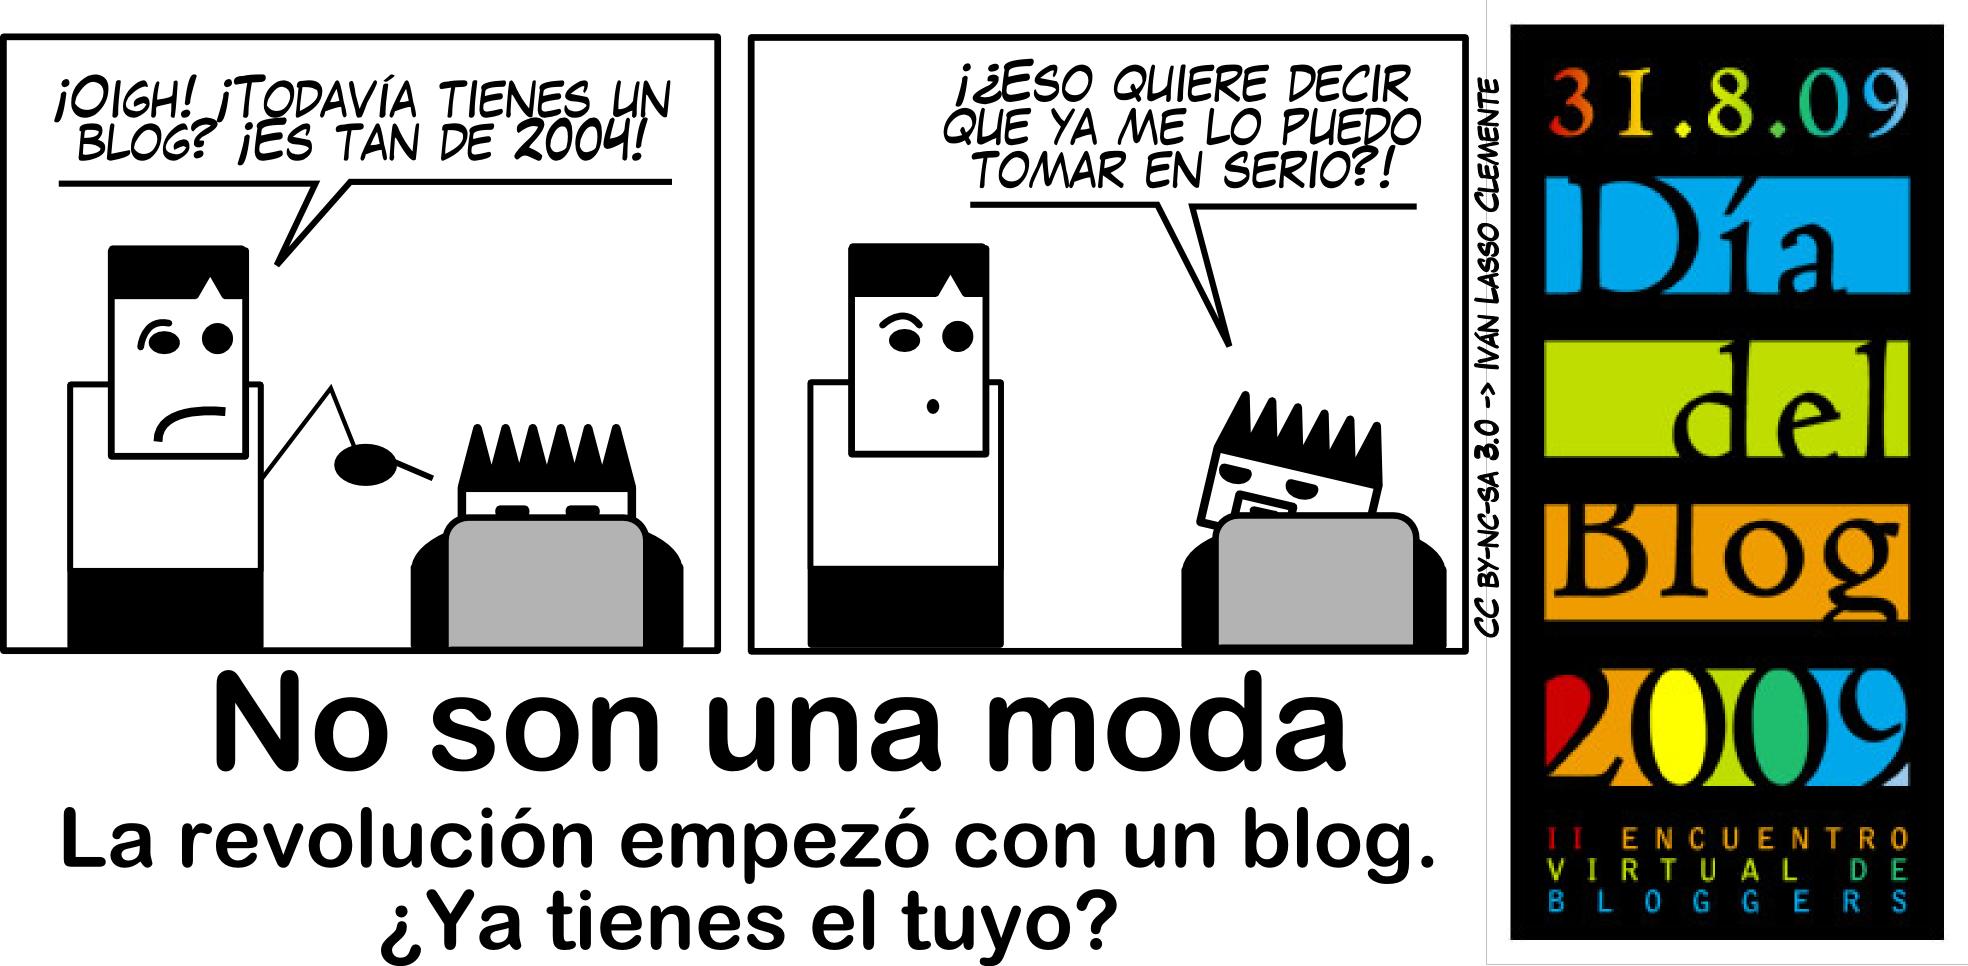 dia-del-blog